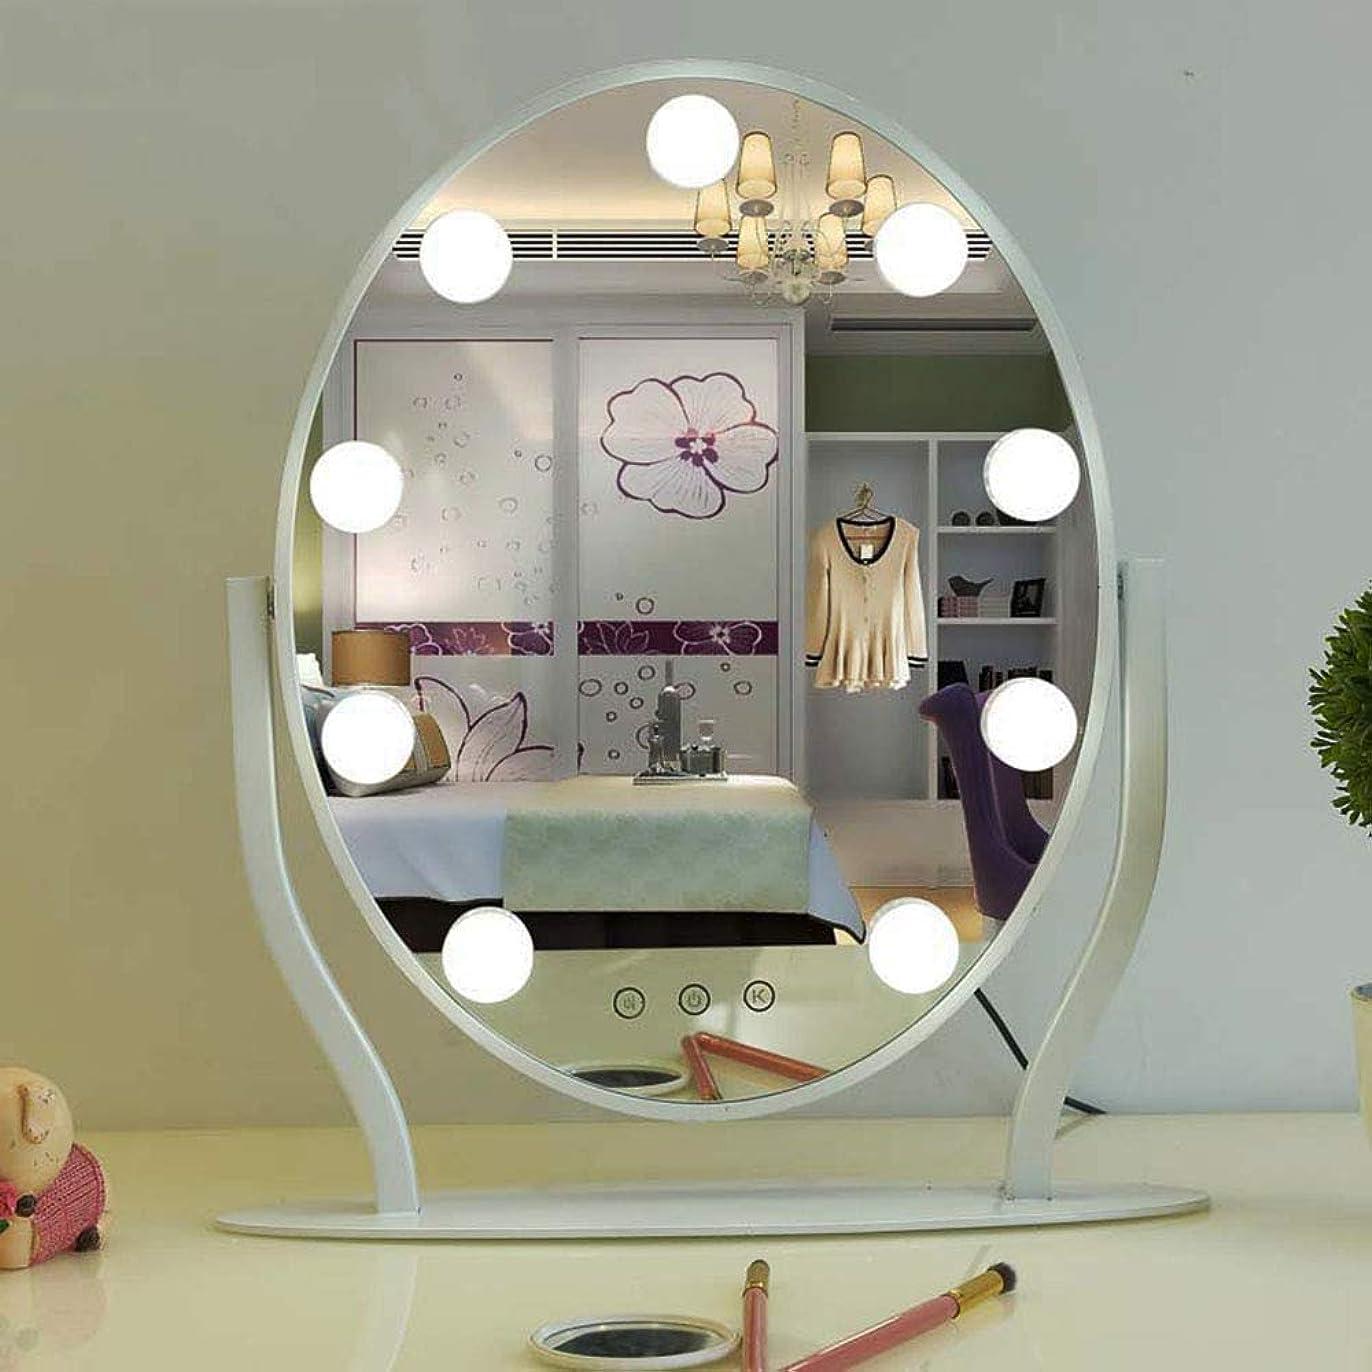 熟達戻す消去明るいLED化粧鏡 ライトアップ 大型ドレッサーミラー メタルフレーム 調整可能3光源 、センサースイッチ シェービングミラー 寝室 さんギフト